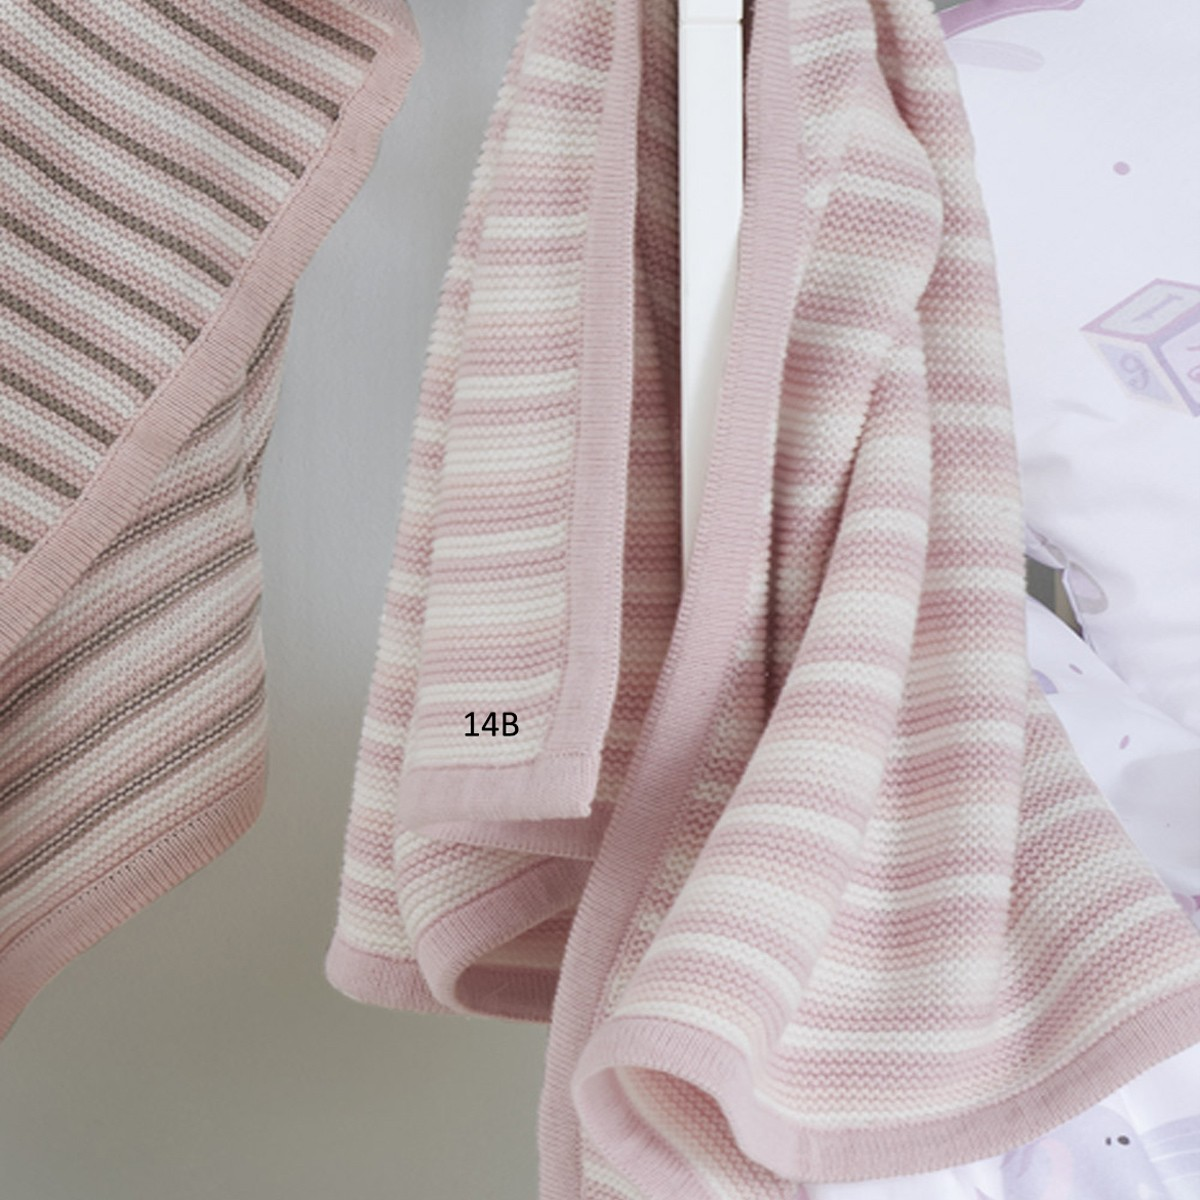 Κουβέρτα Πλεκτή Αγκαλιάς Kentia Baby Abi 14B home   βρεφικά   κουβέρτες βρεφικές   κουβέρτες πλεκτές